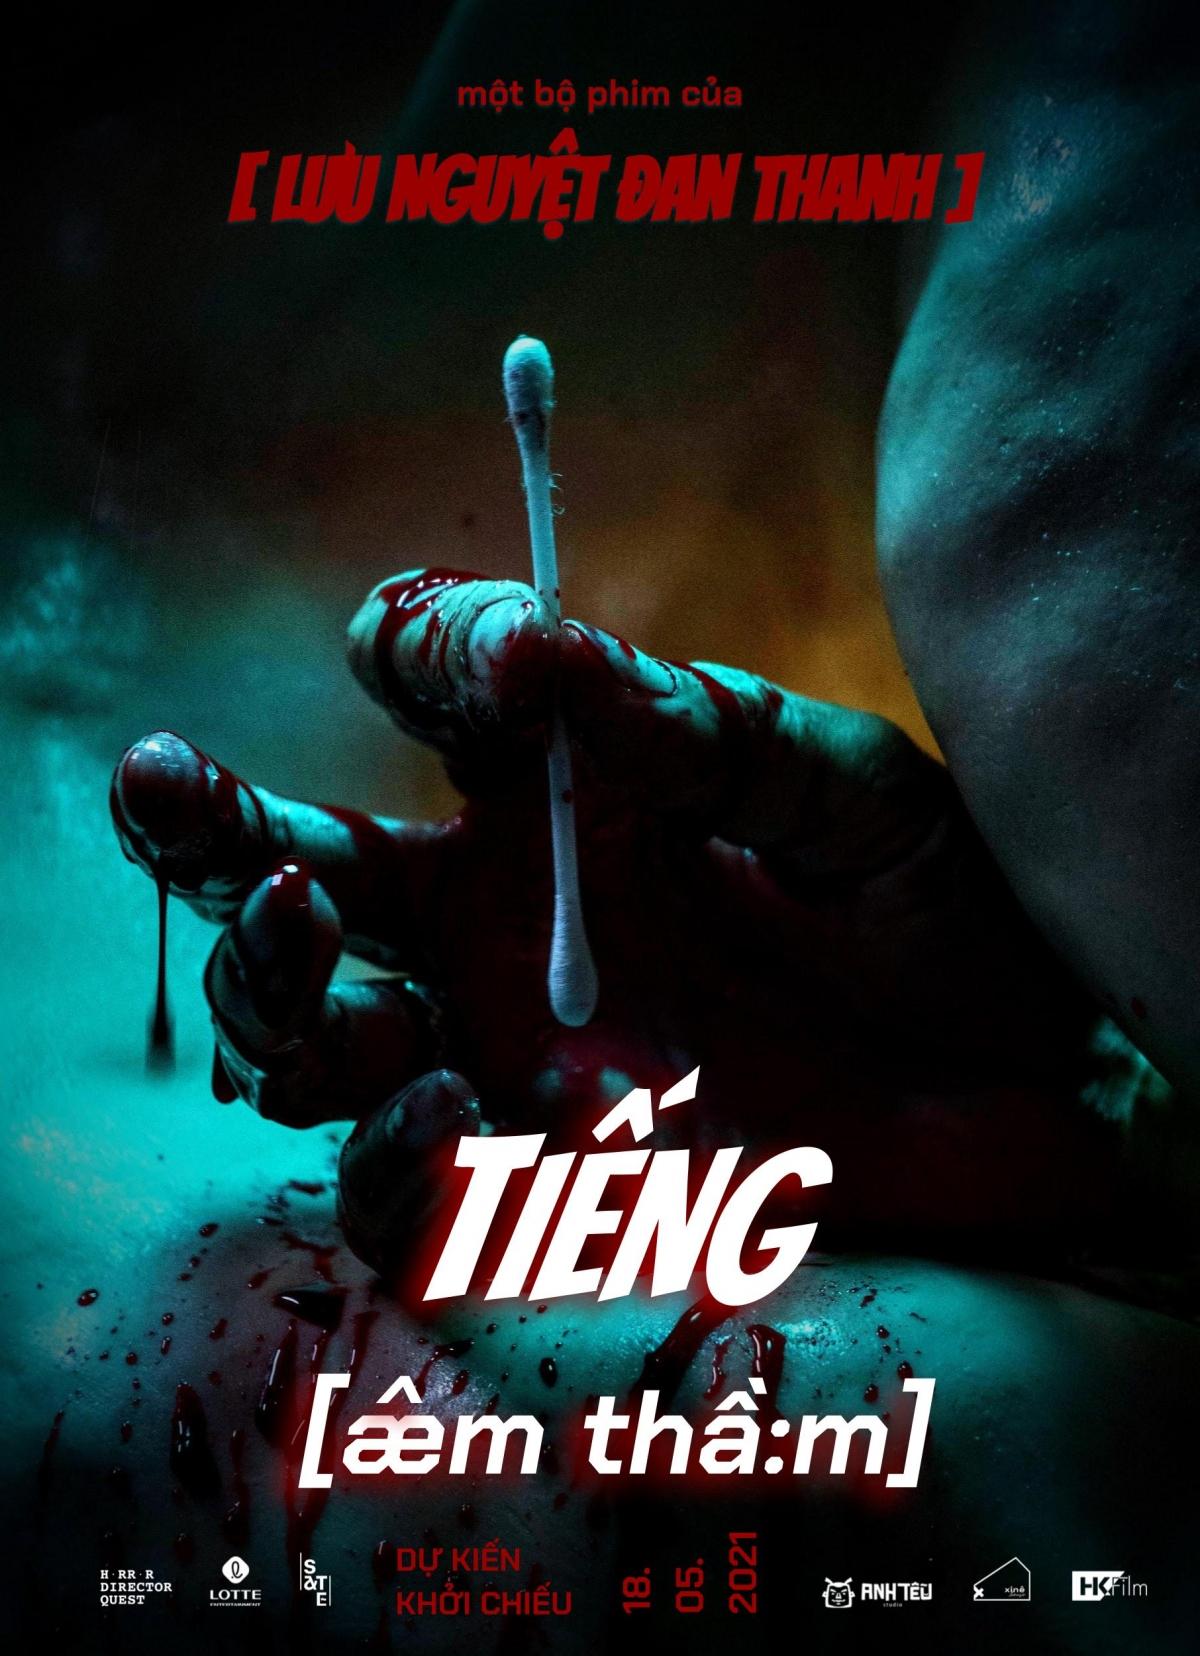 """Bộ phim """"Tiếng âm thầm"""" của đạo diễnLưu Nguyệt Đan Thanh."""